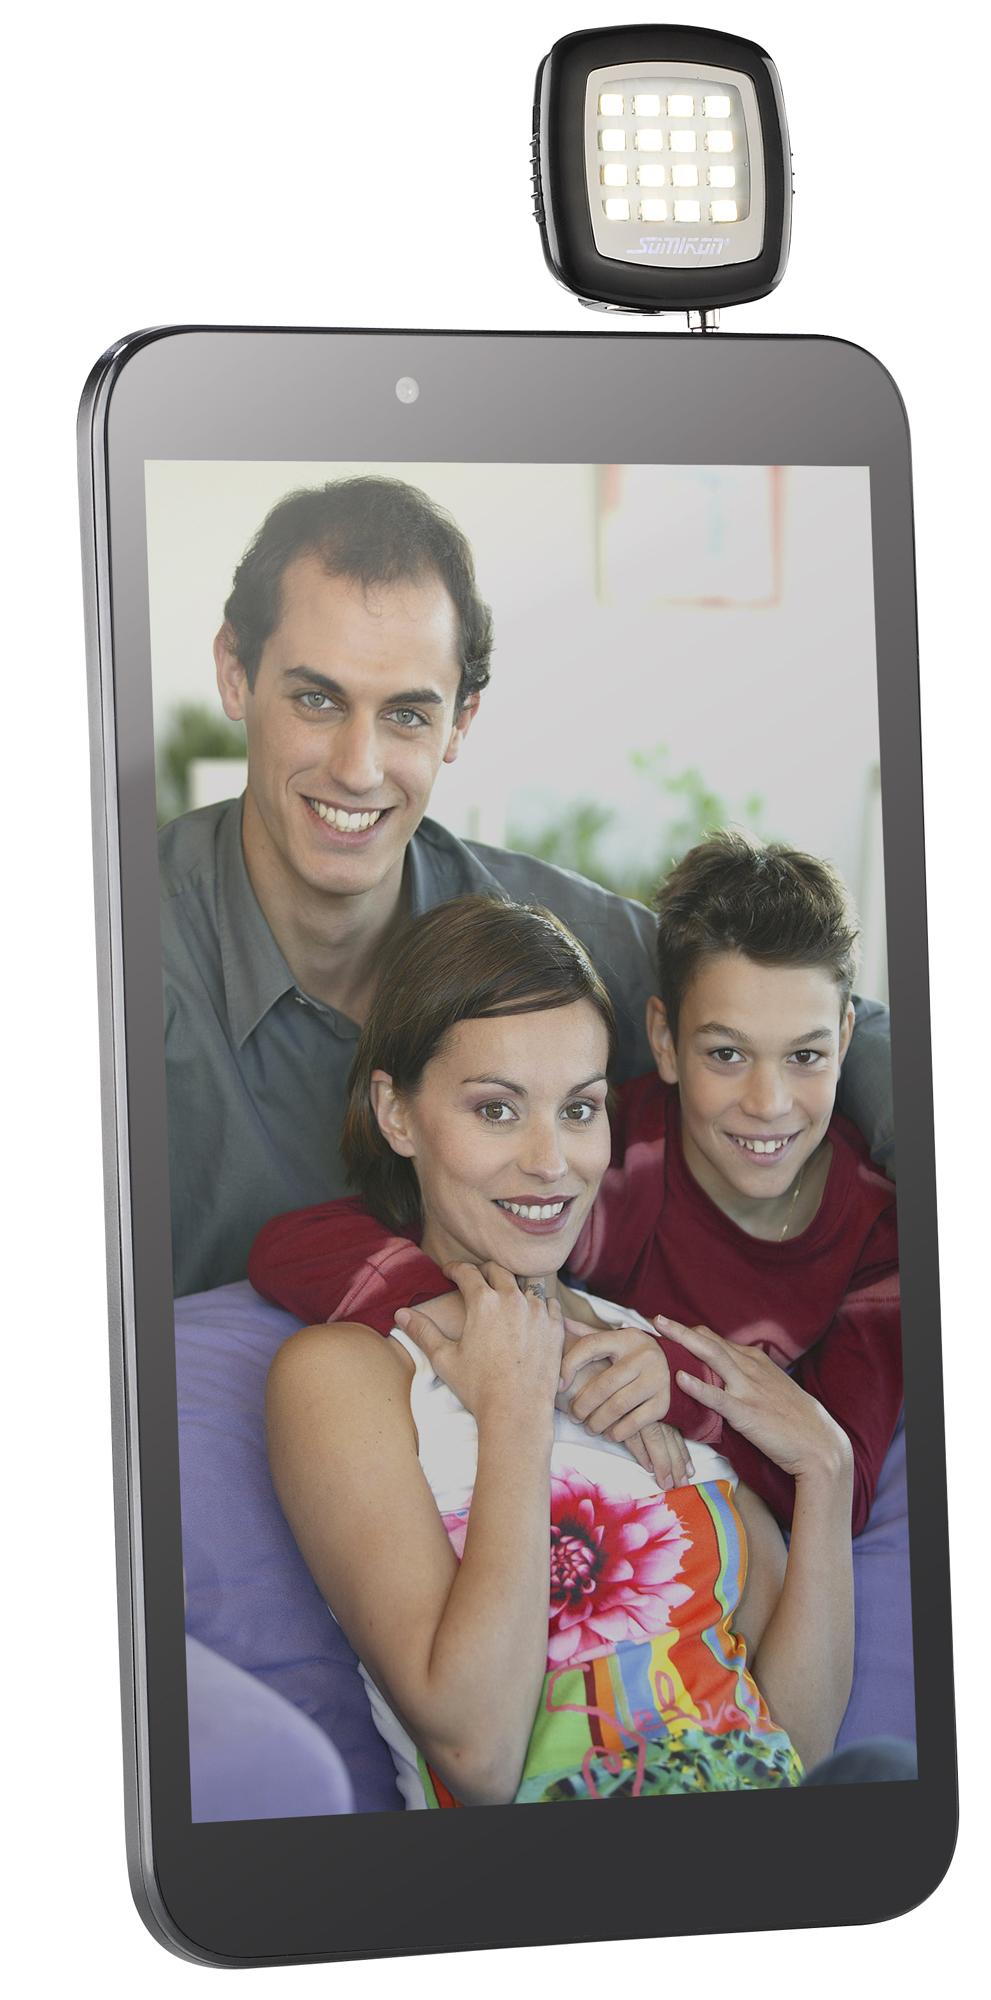 app gesteuerte led videoleuchte f r smartphones co mit 16 power leds. Black Bedroom Furniture Sets. Home Design Ideas